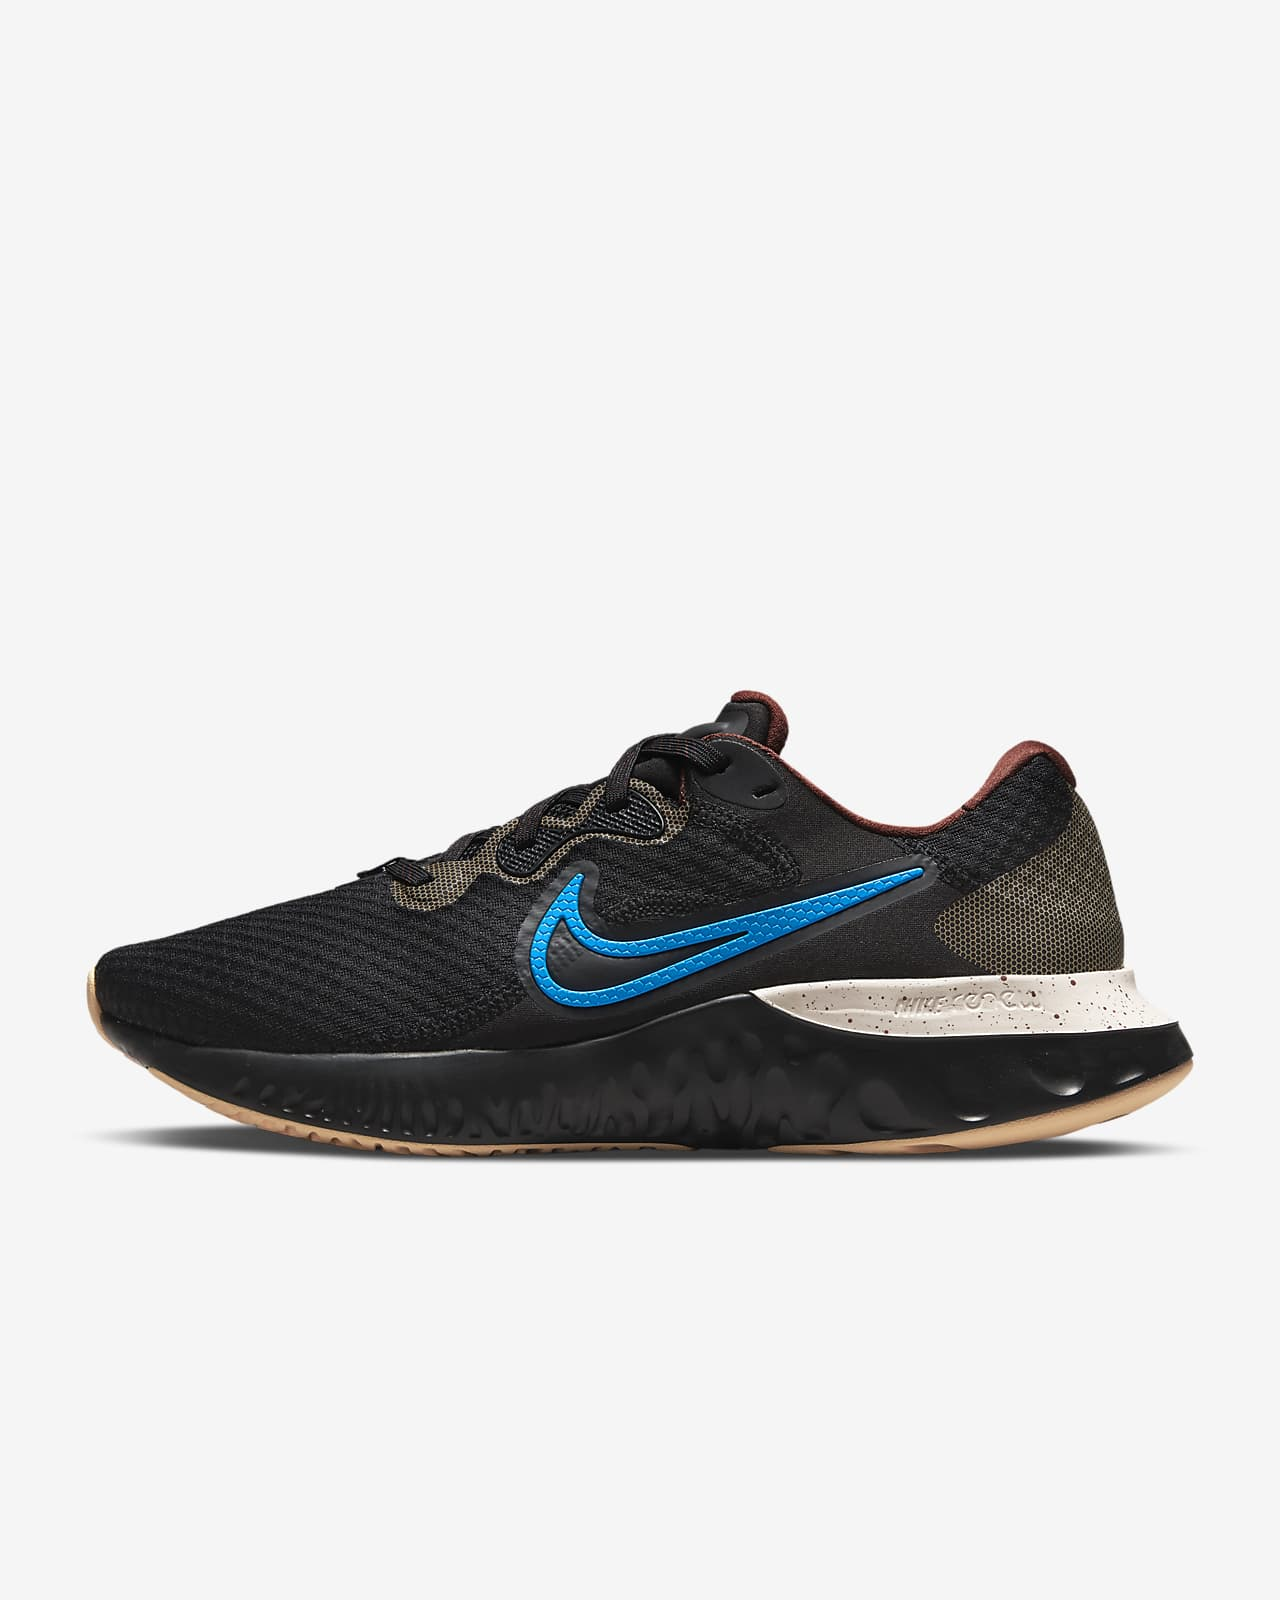 Nike Renew Run 2 男款路跑鞋